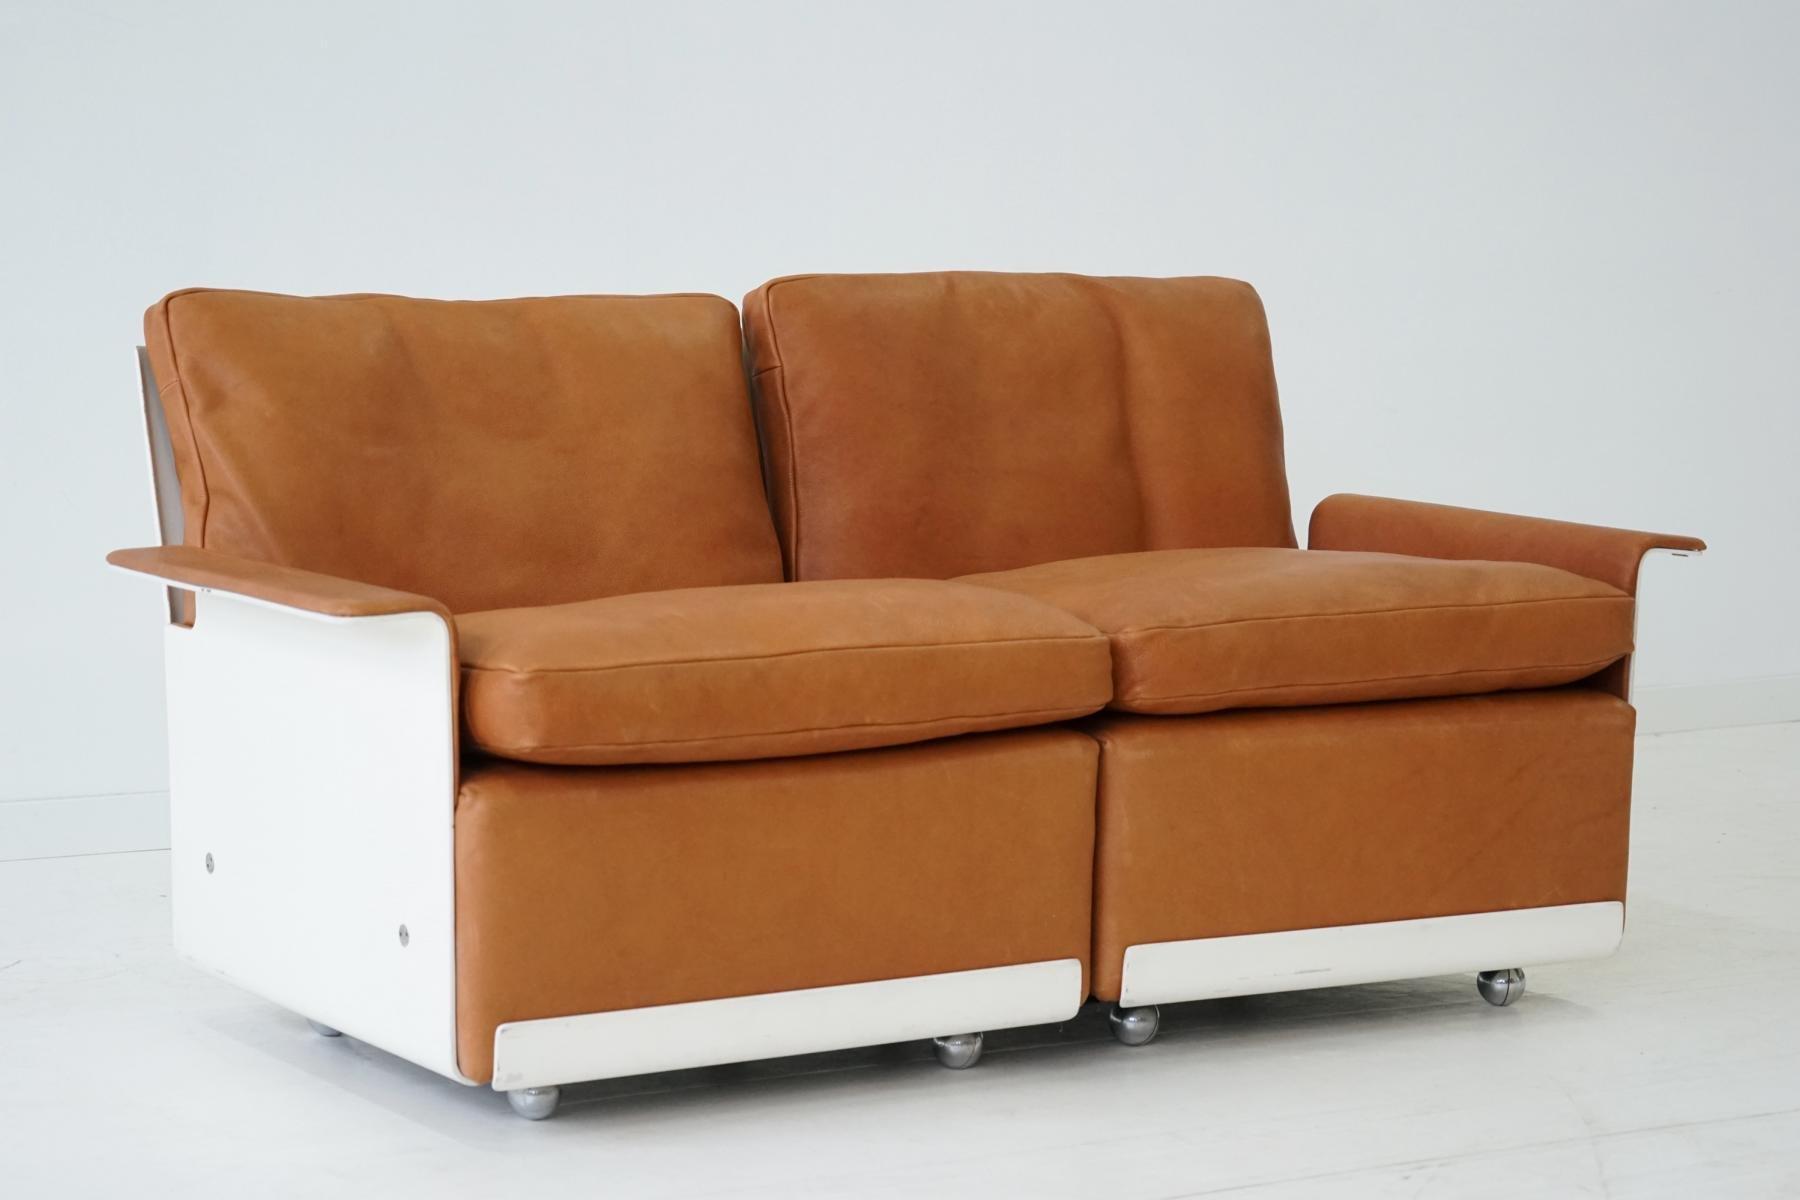 modulares rz 62 620 zwei sitzer sofa aus leder von dieter rams f r vitsoe 1960er bei pamono kaufen. Black Bedroom Furniture Sets. Home Design Ideas